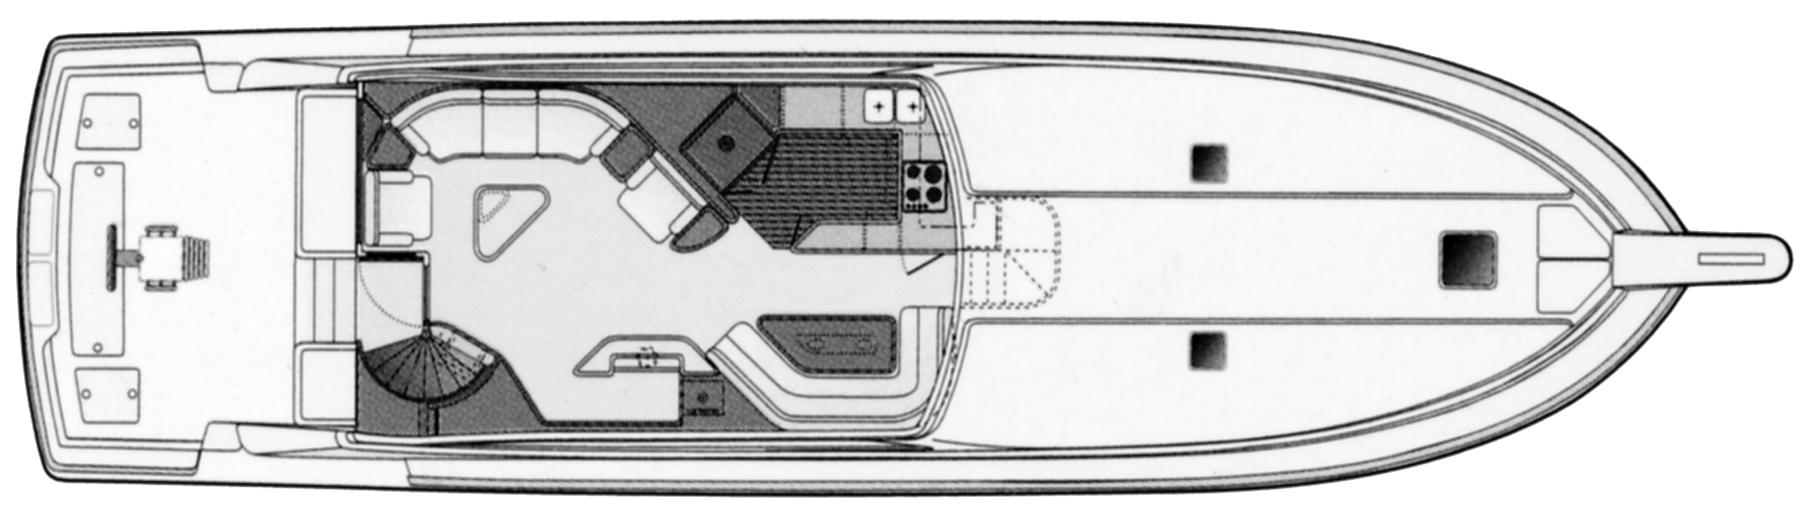 670 Convertible Floor Plan 2